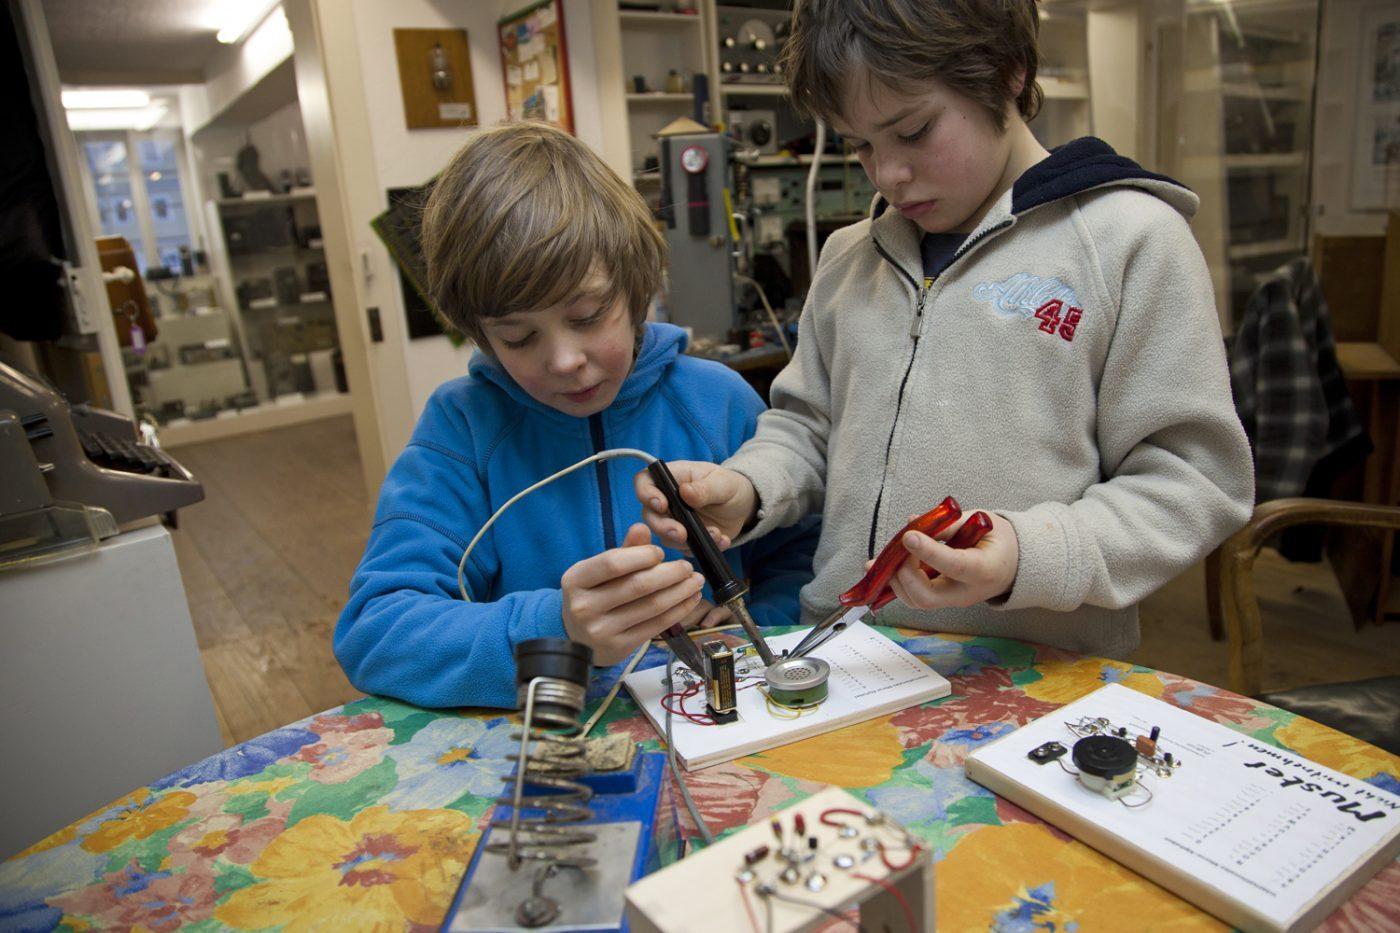 Kinder beim Experimentieren mit Kommunikationstechnik